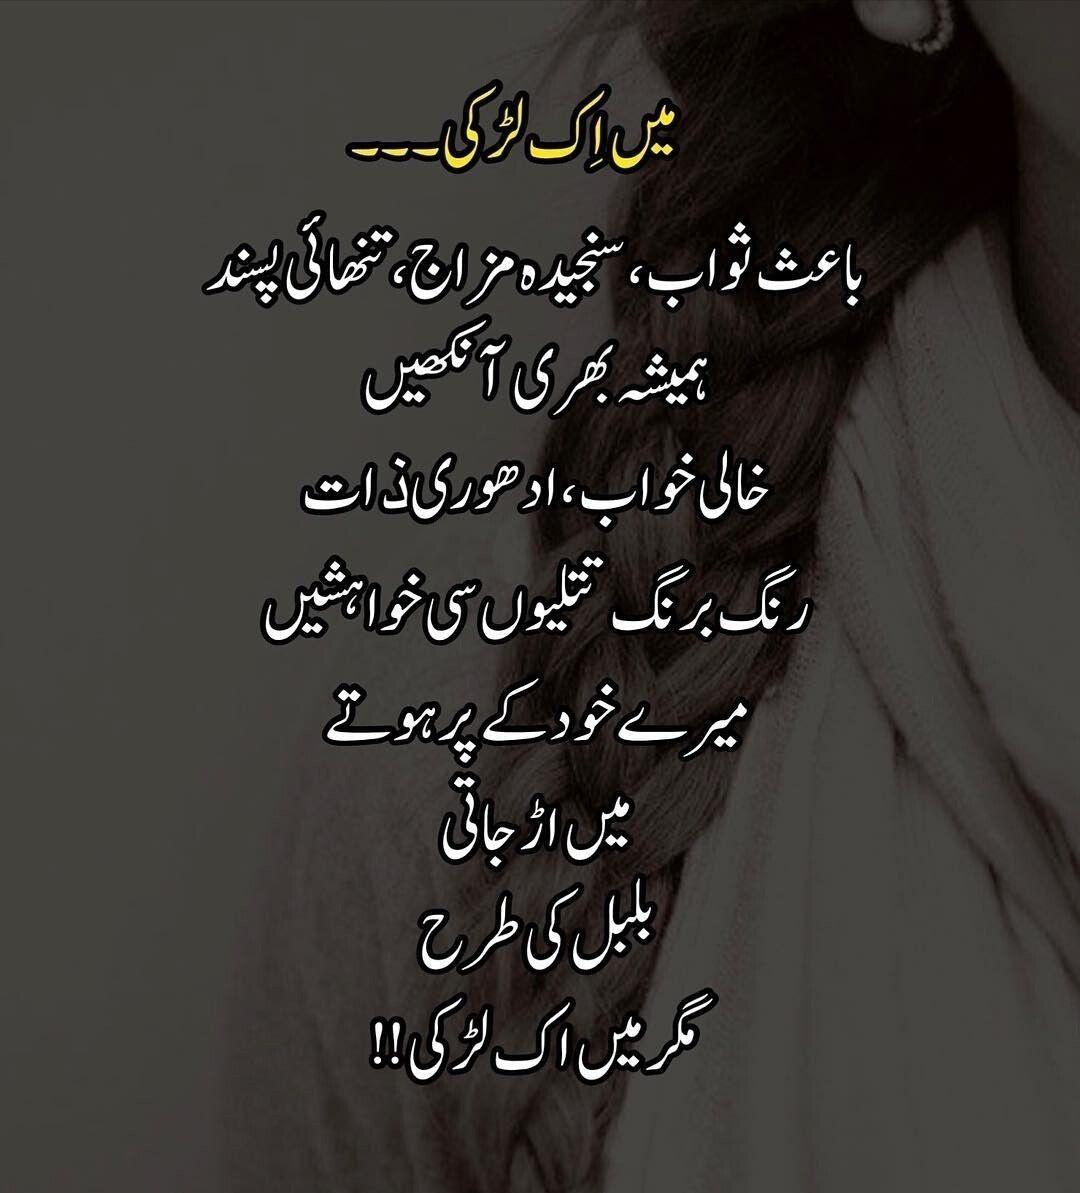 #Ghazal #GirlGhazal #Poetry   Best urdu poetry images ...